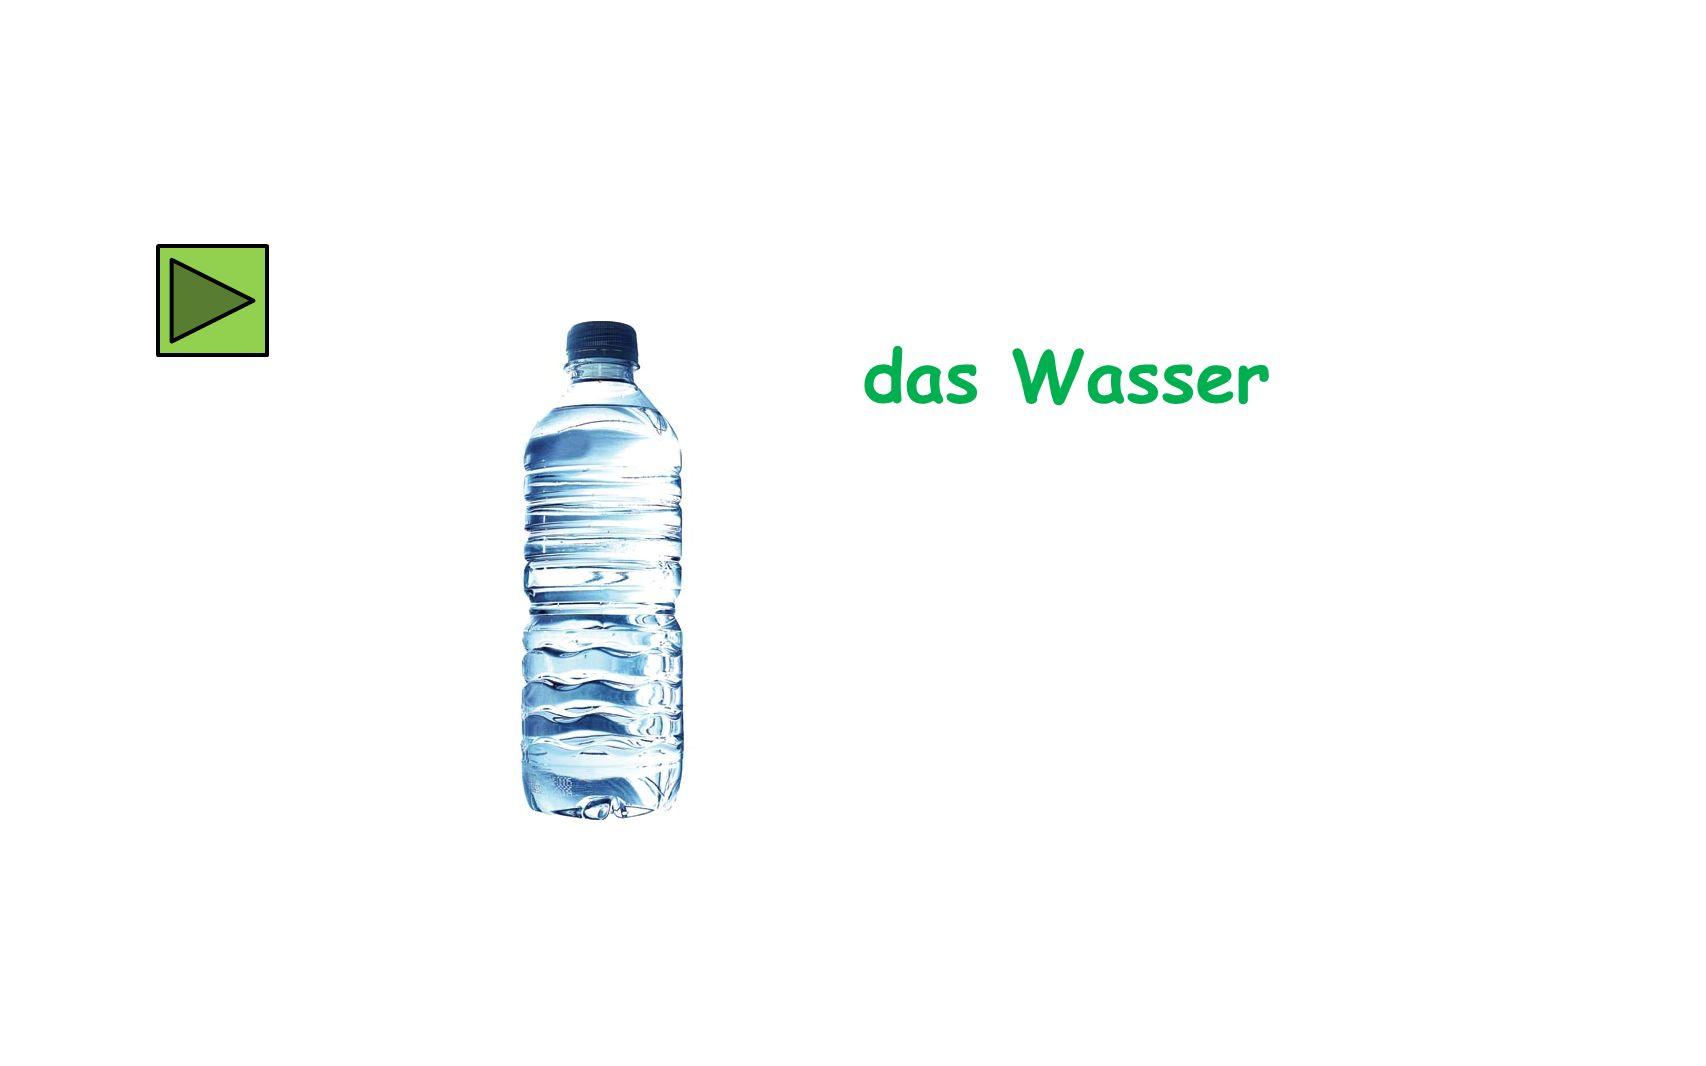 das Wasser